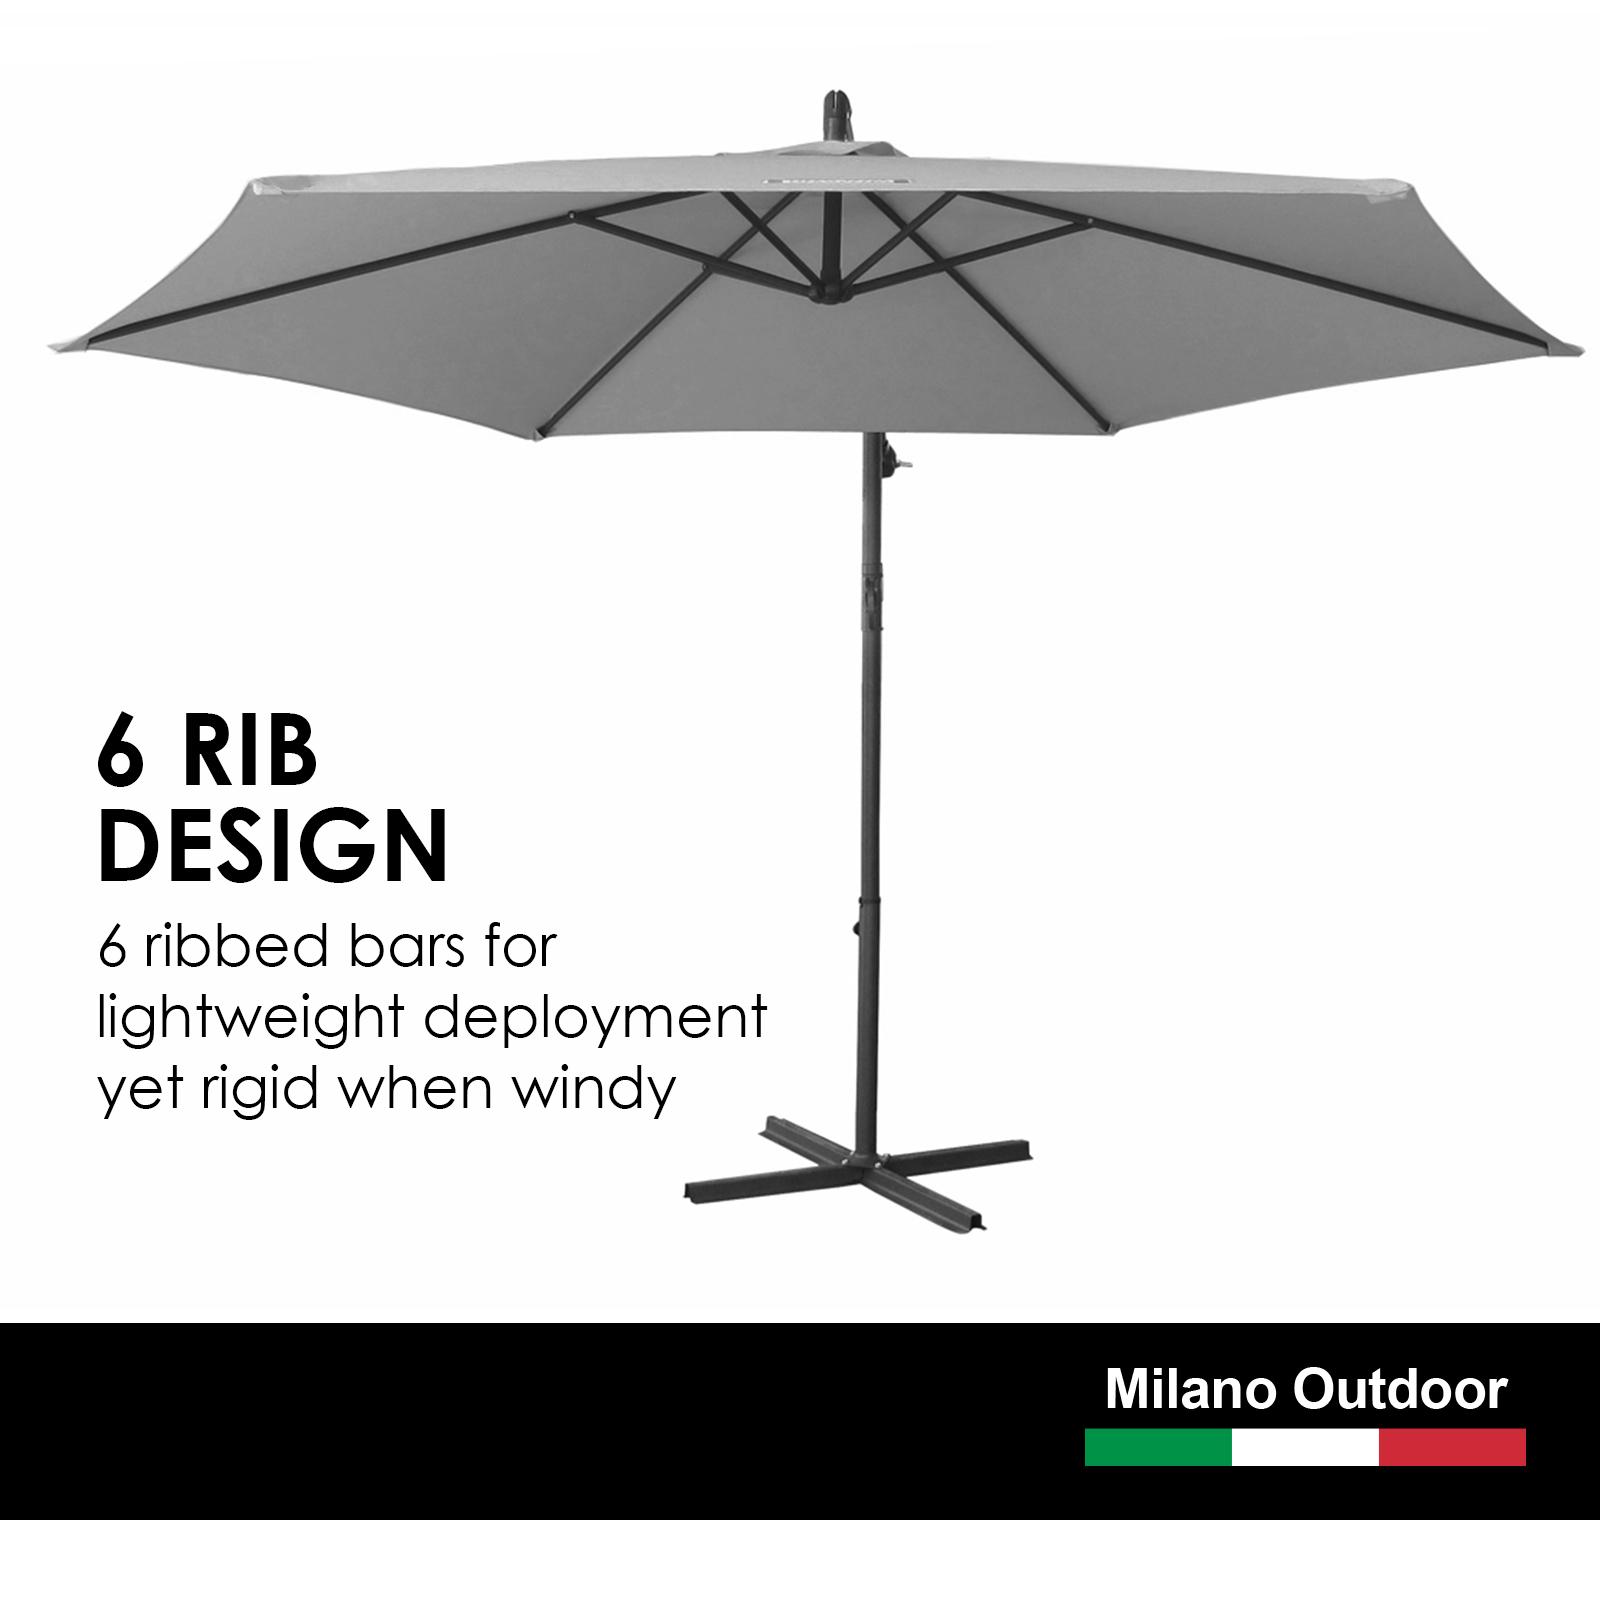 thumbnail 43 - Milano Outdoor 3 Metre Cantilever Umbrella UV Sunshade Garden Patio Deck